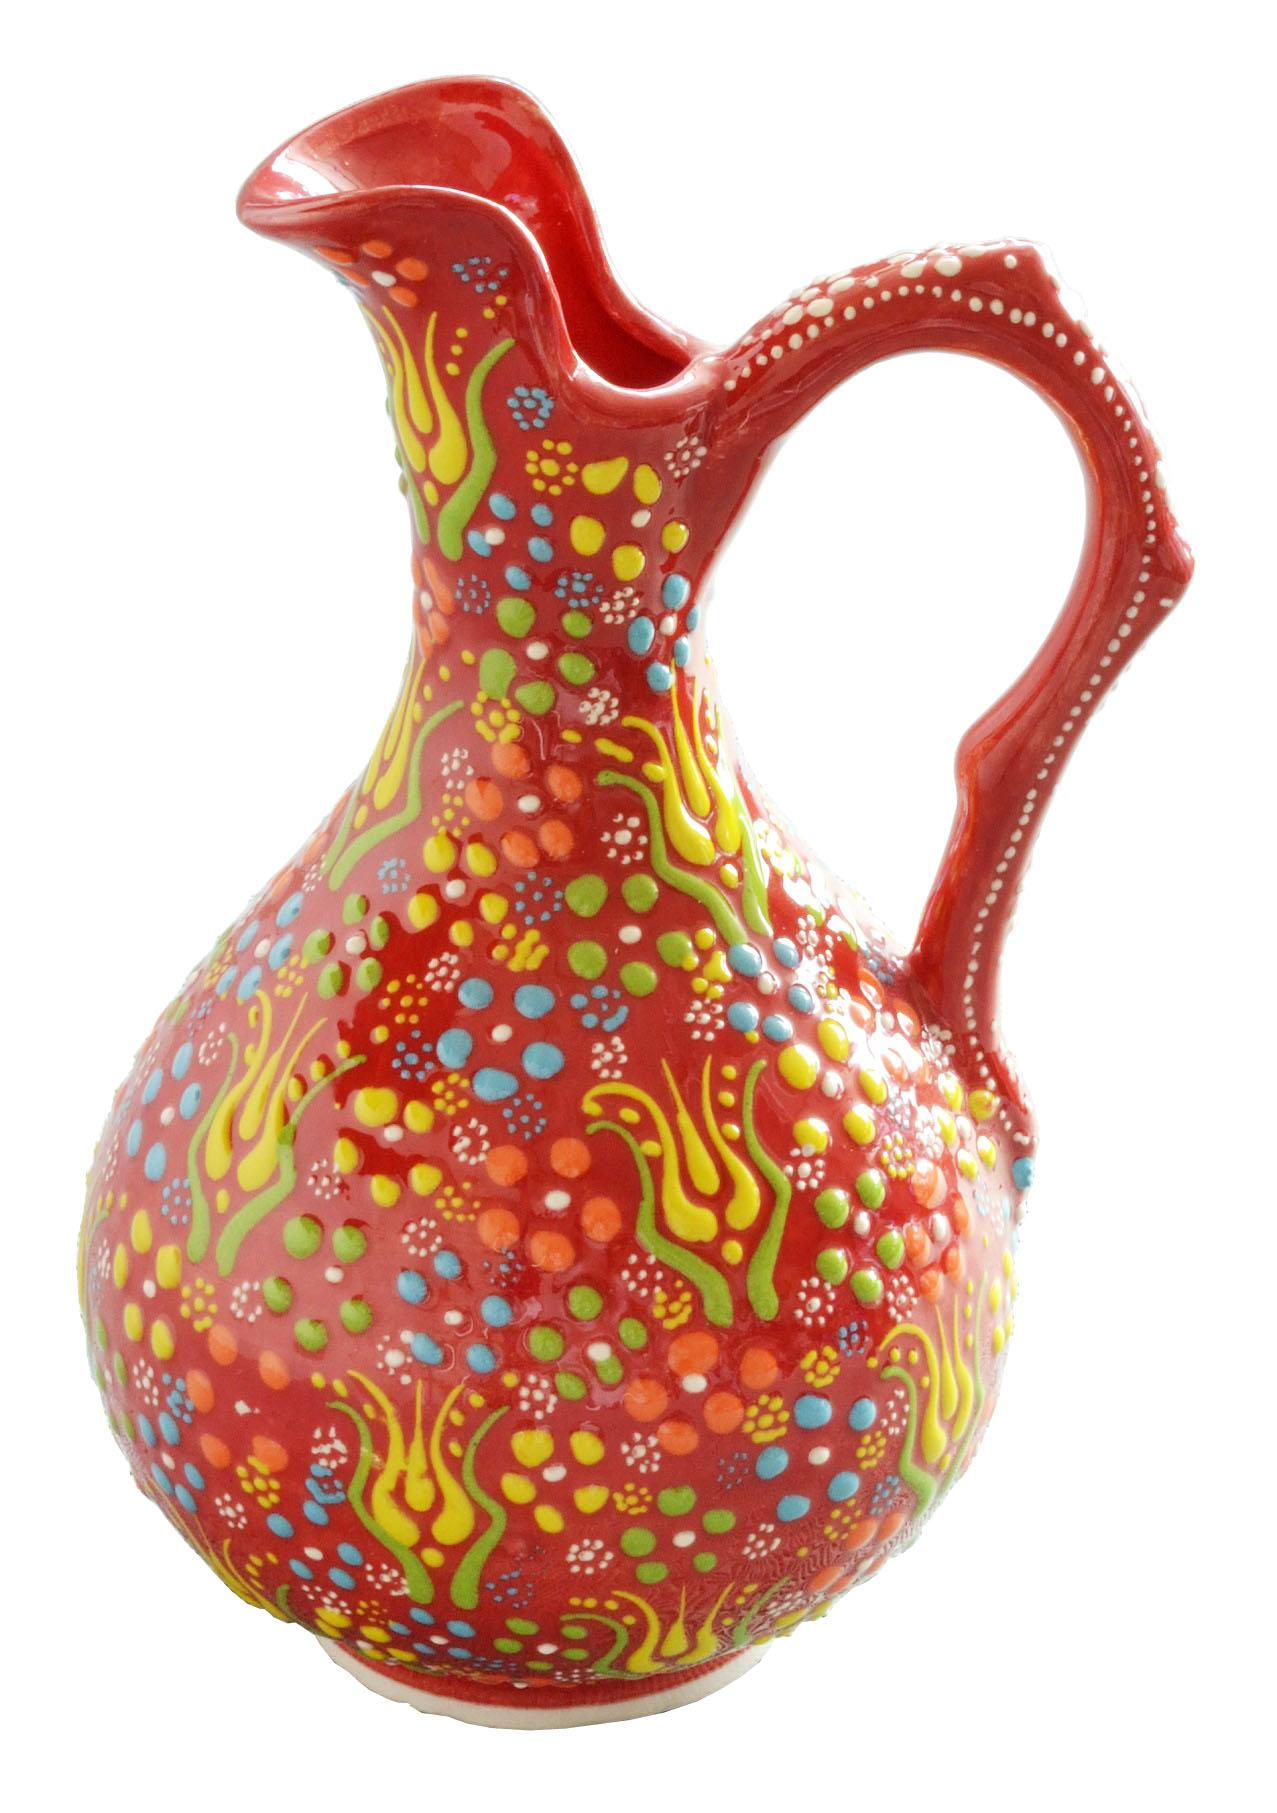 トルコ製陶器 ラウンドベースS アンカラレッド <br>No.81513